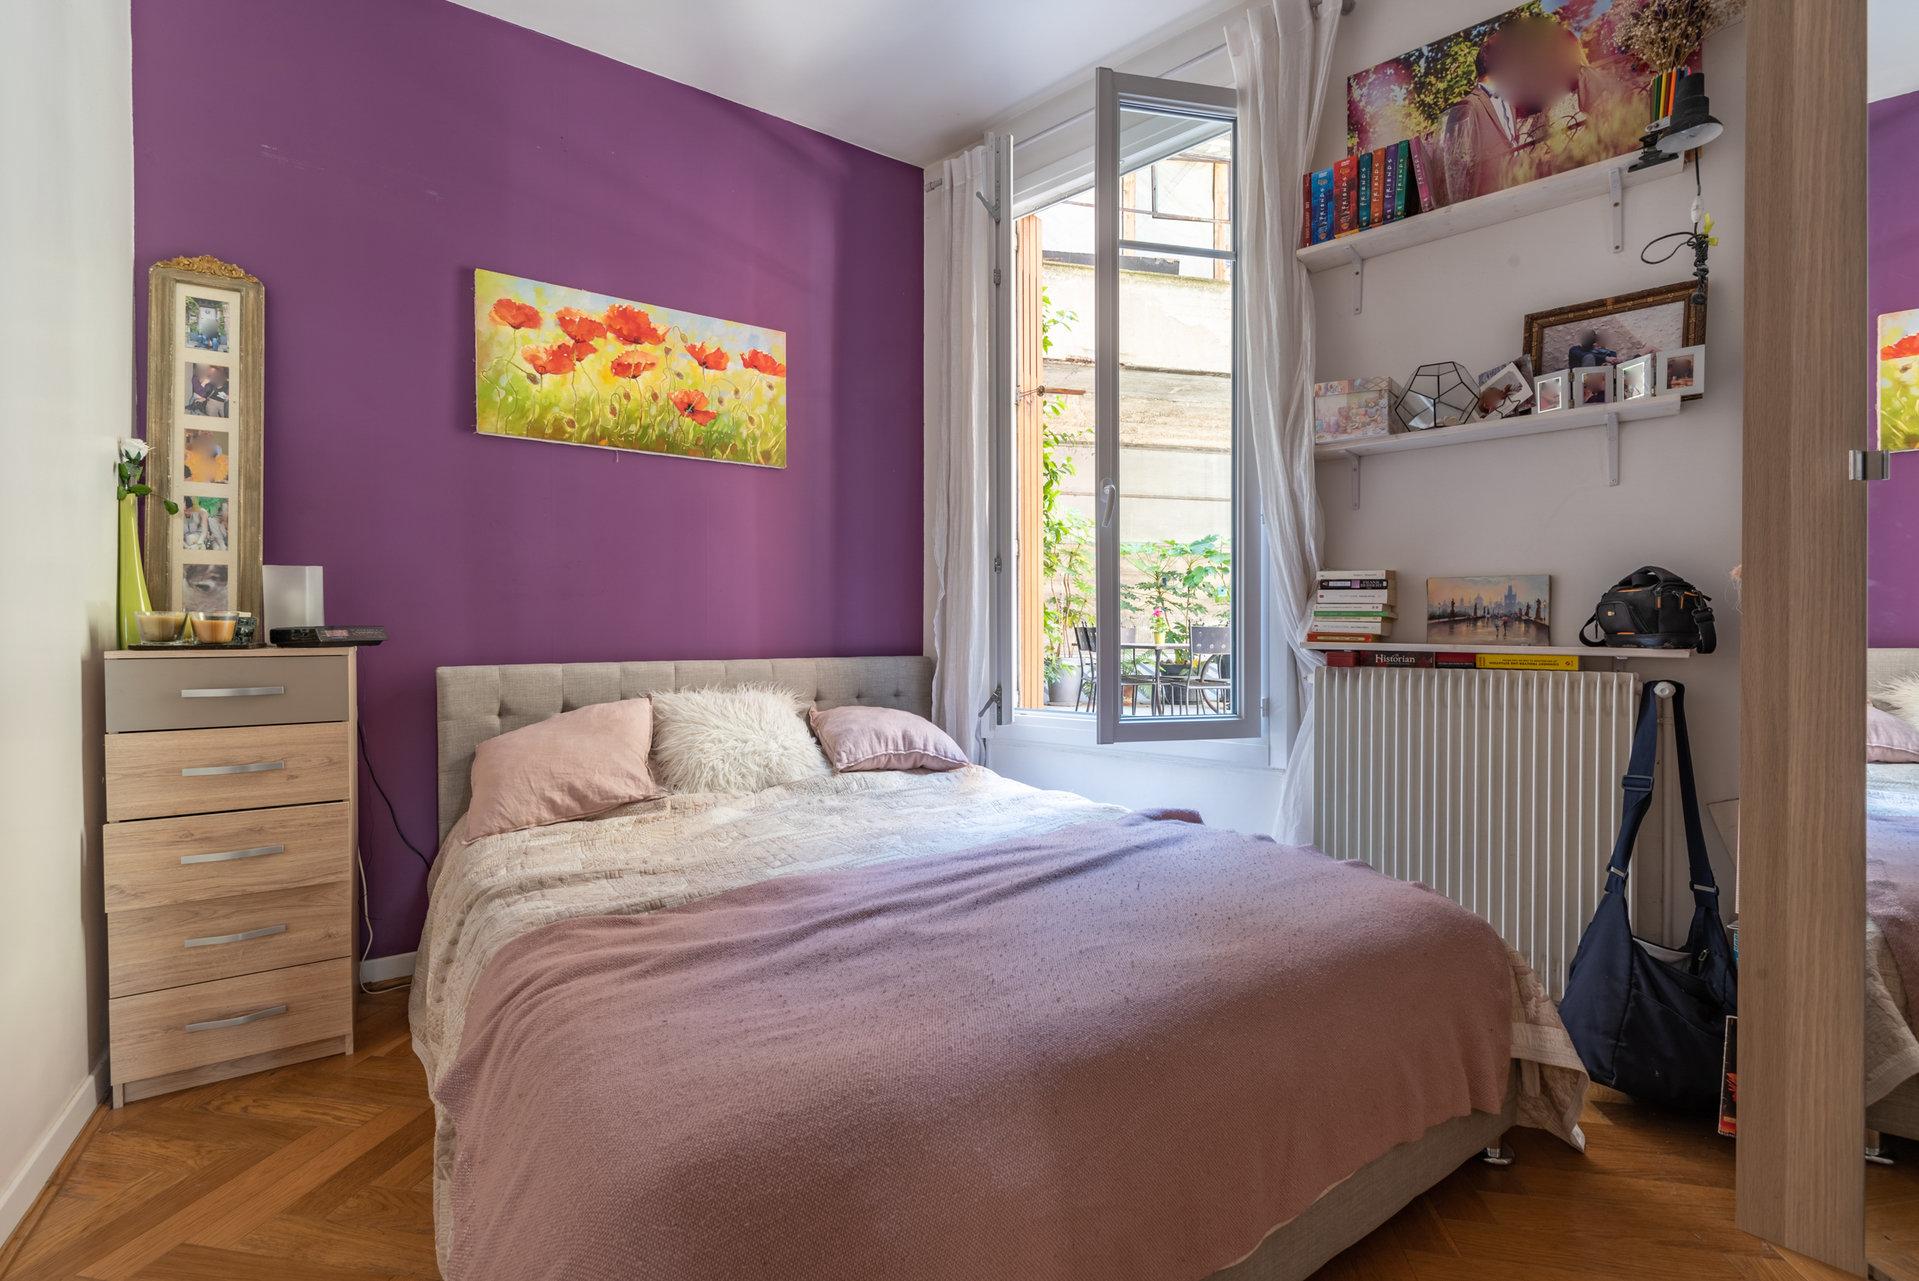 Paris - XVIII ème - MONTMARTRE - M° Lamarck/Joffrin - 4 Pièces TRAVERSANT - COMME UNE PETITE MAISON - 2 Chambres - TERRASSE - SOLEIL